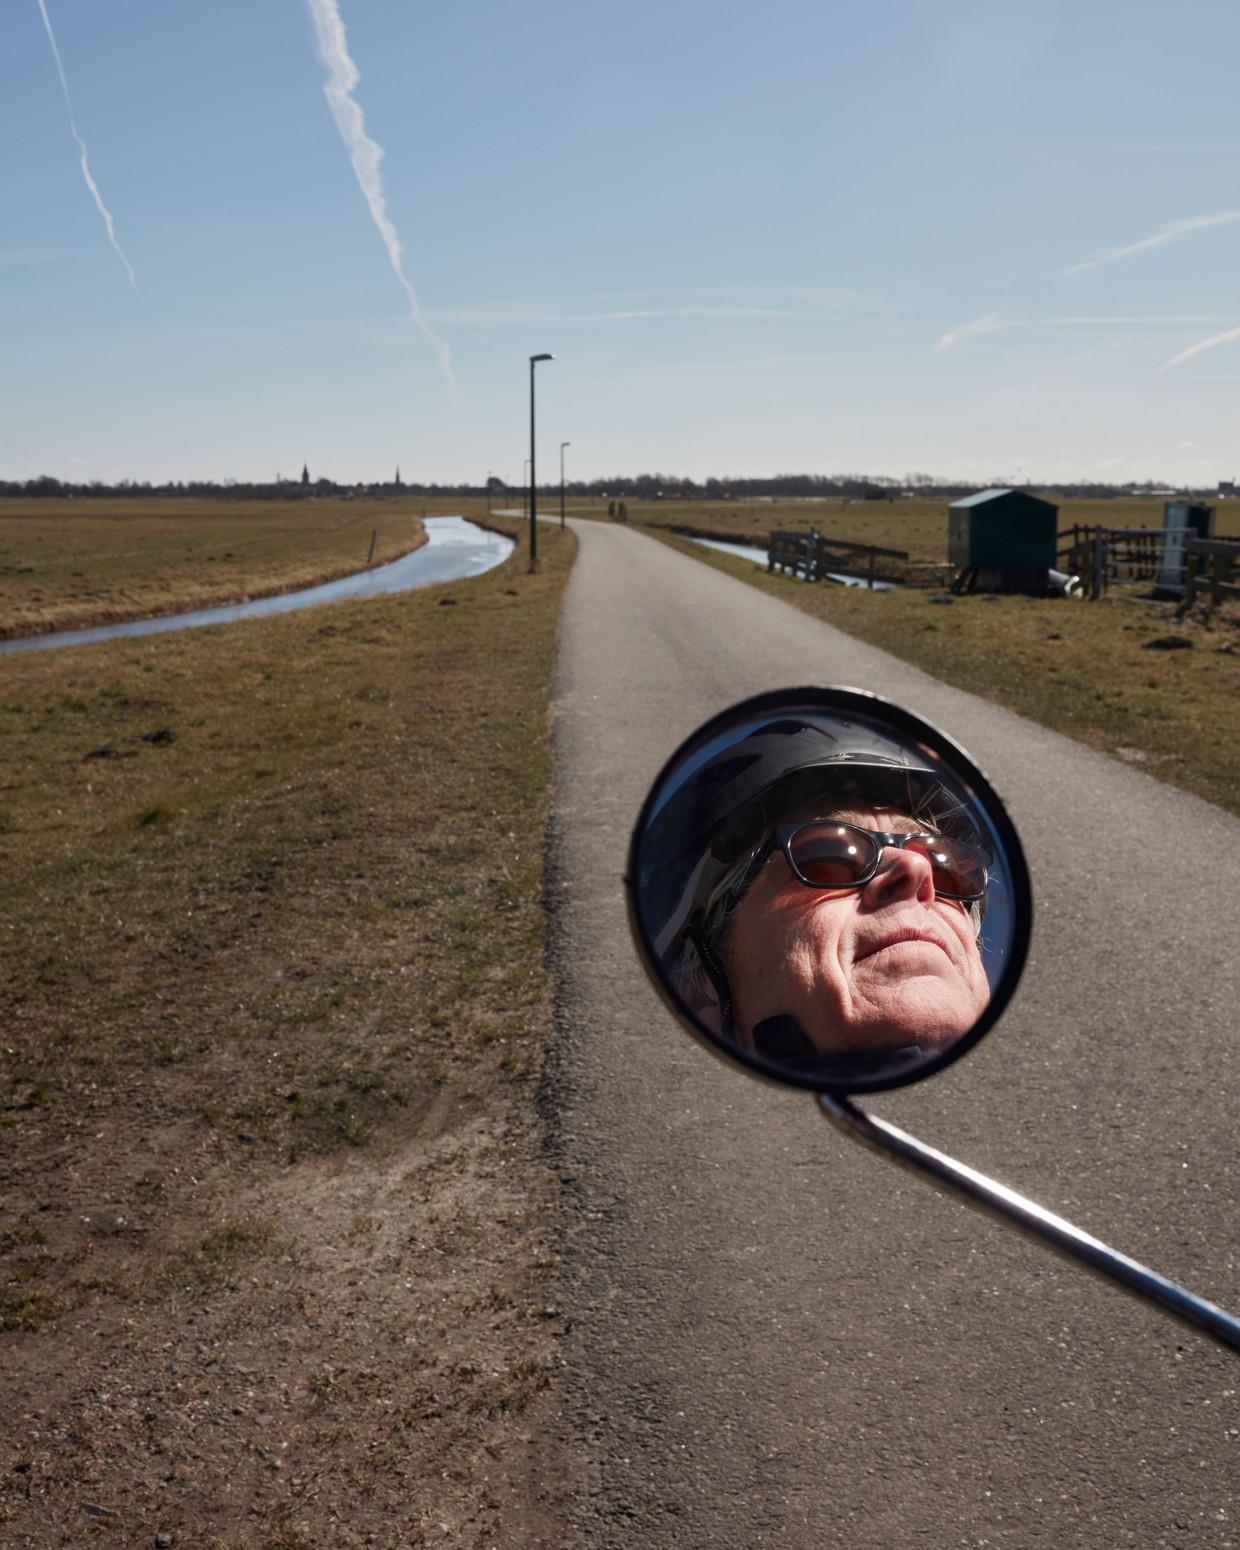 Arno op de fiets. Beeld Erik Smits